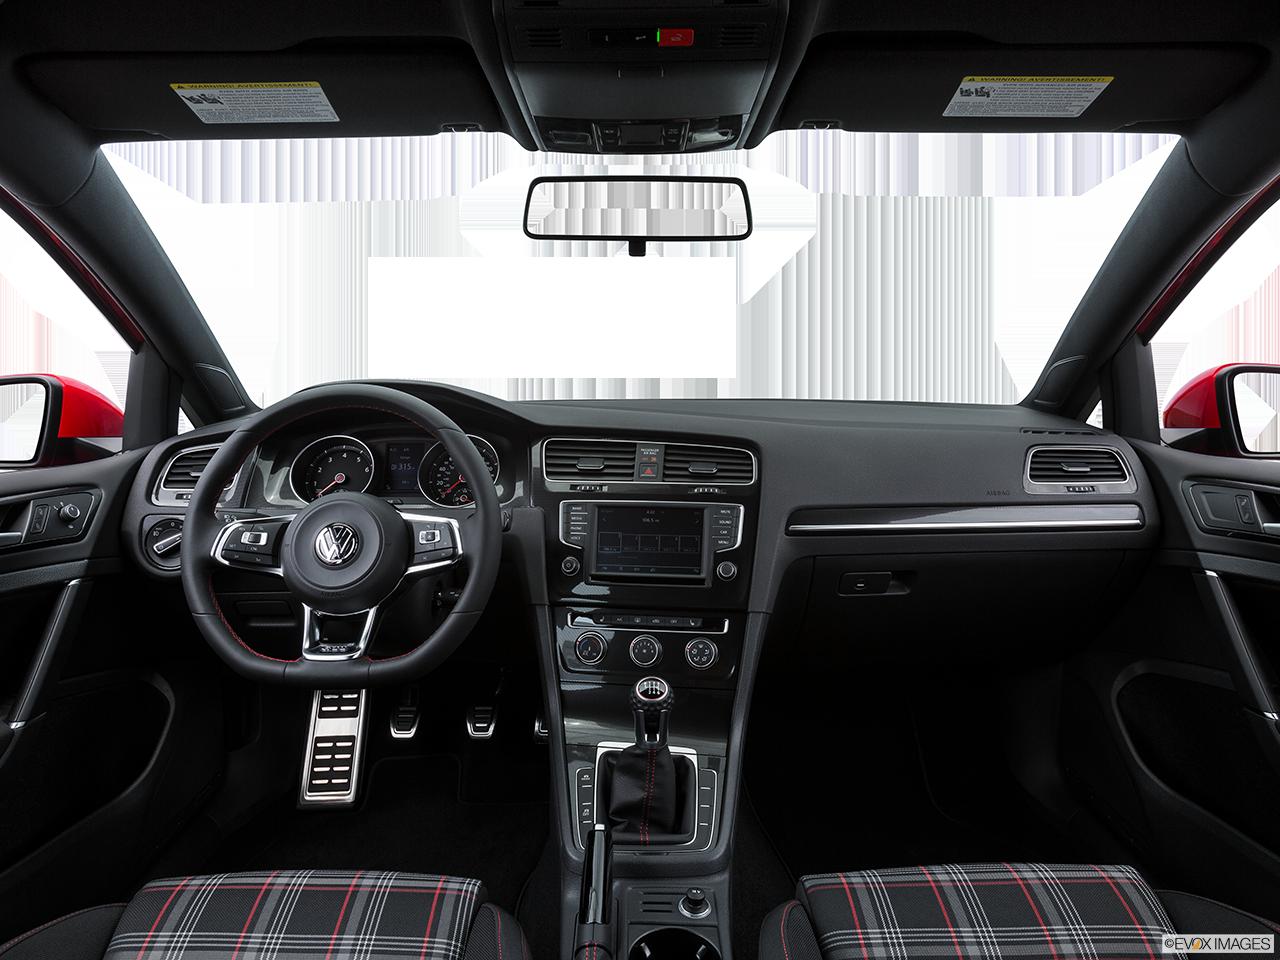 Interior View Of 2016 Volkswagen Golf GTI in Newport News